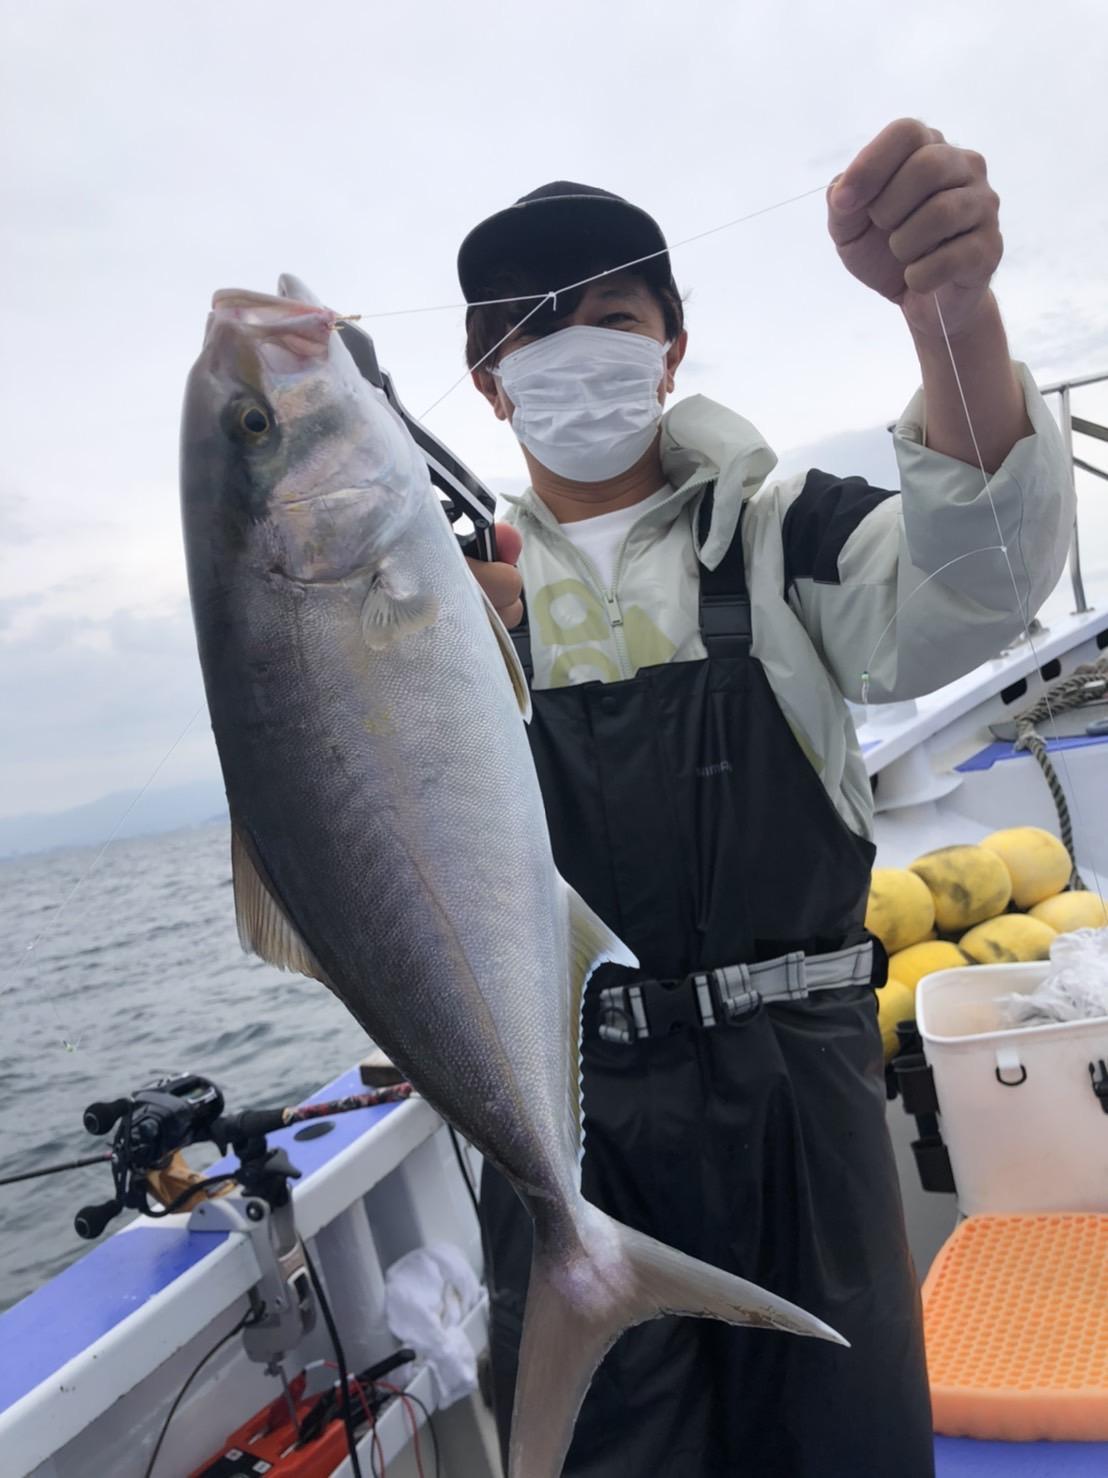 アジの泳がせ、喰わせサビキ(落とし込み釣り)で良型のカンパチが釣れています!!